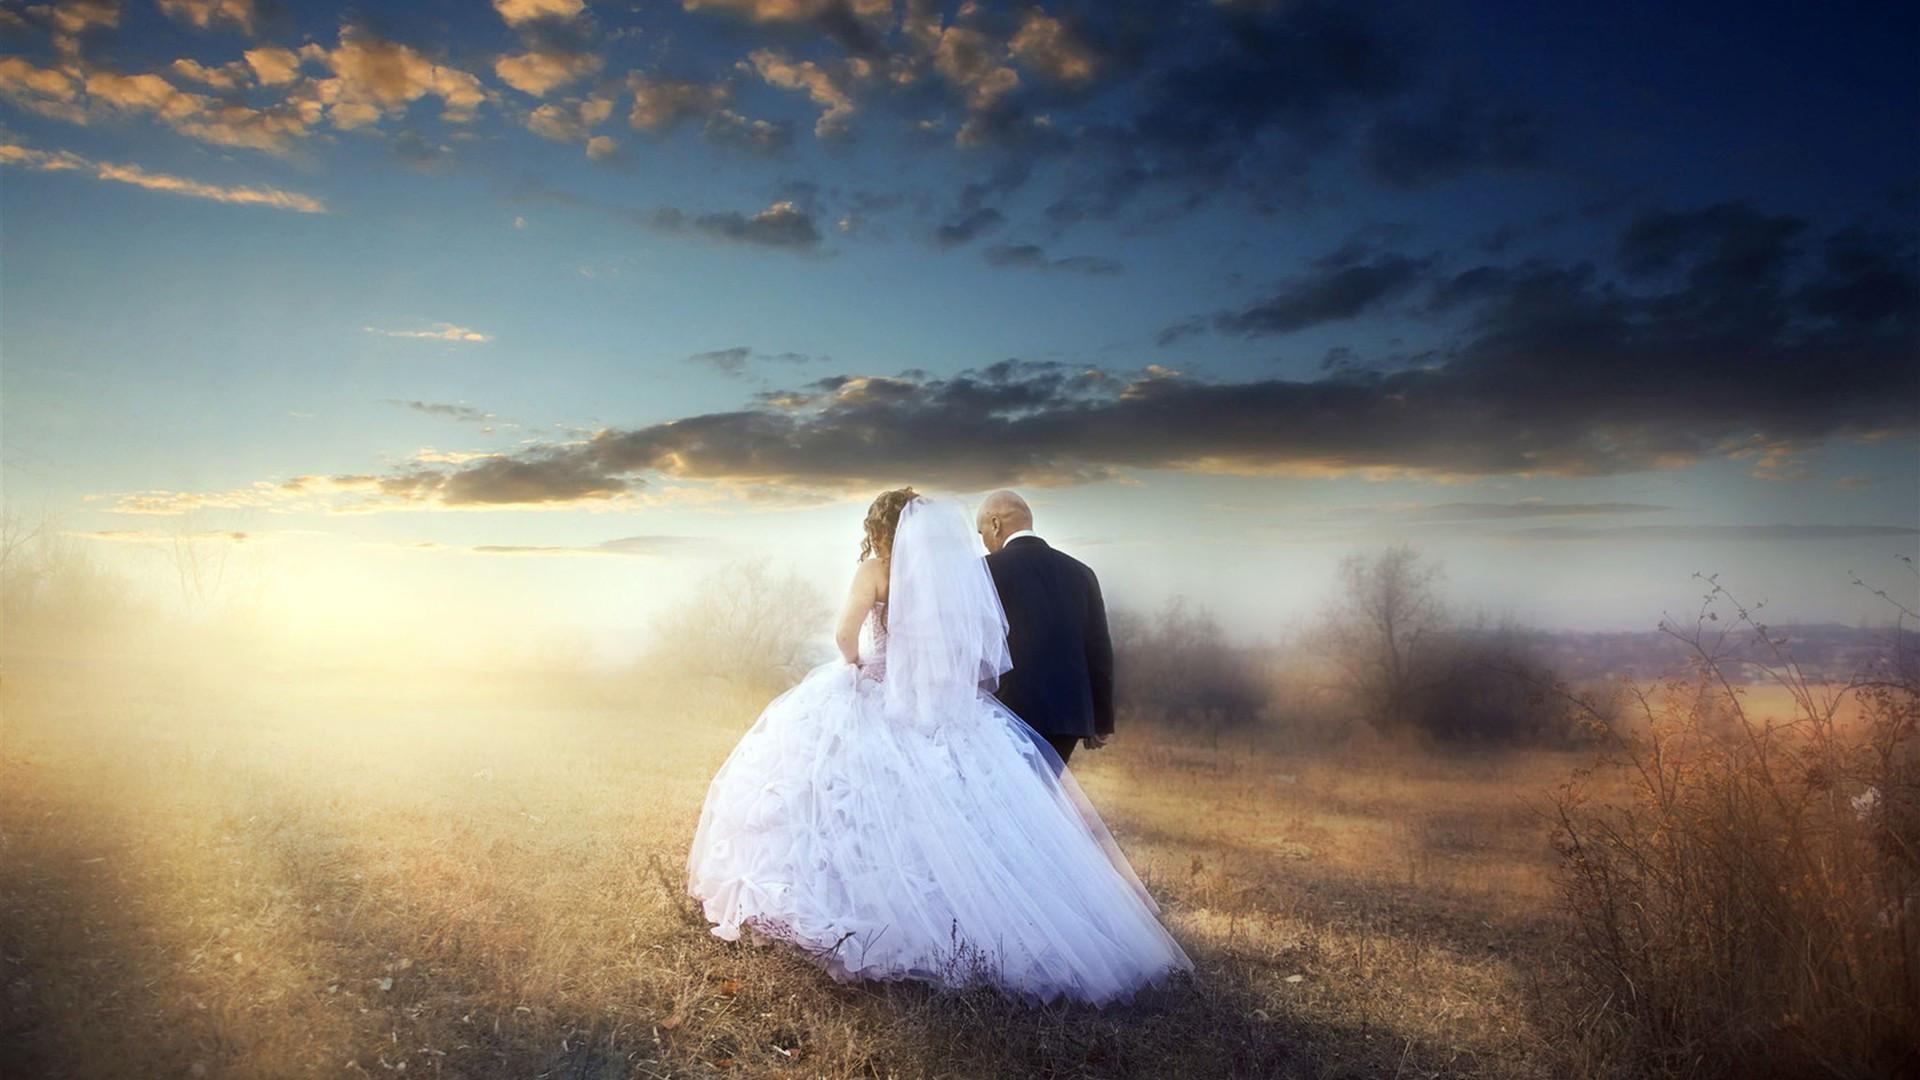 Hintergrundbilder Hochzeit  Die 75 Besten Hochzeit Hintergrundbilder HD